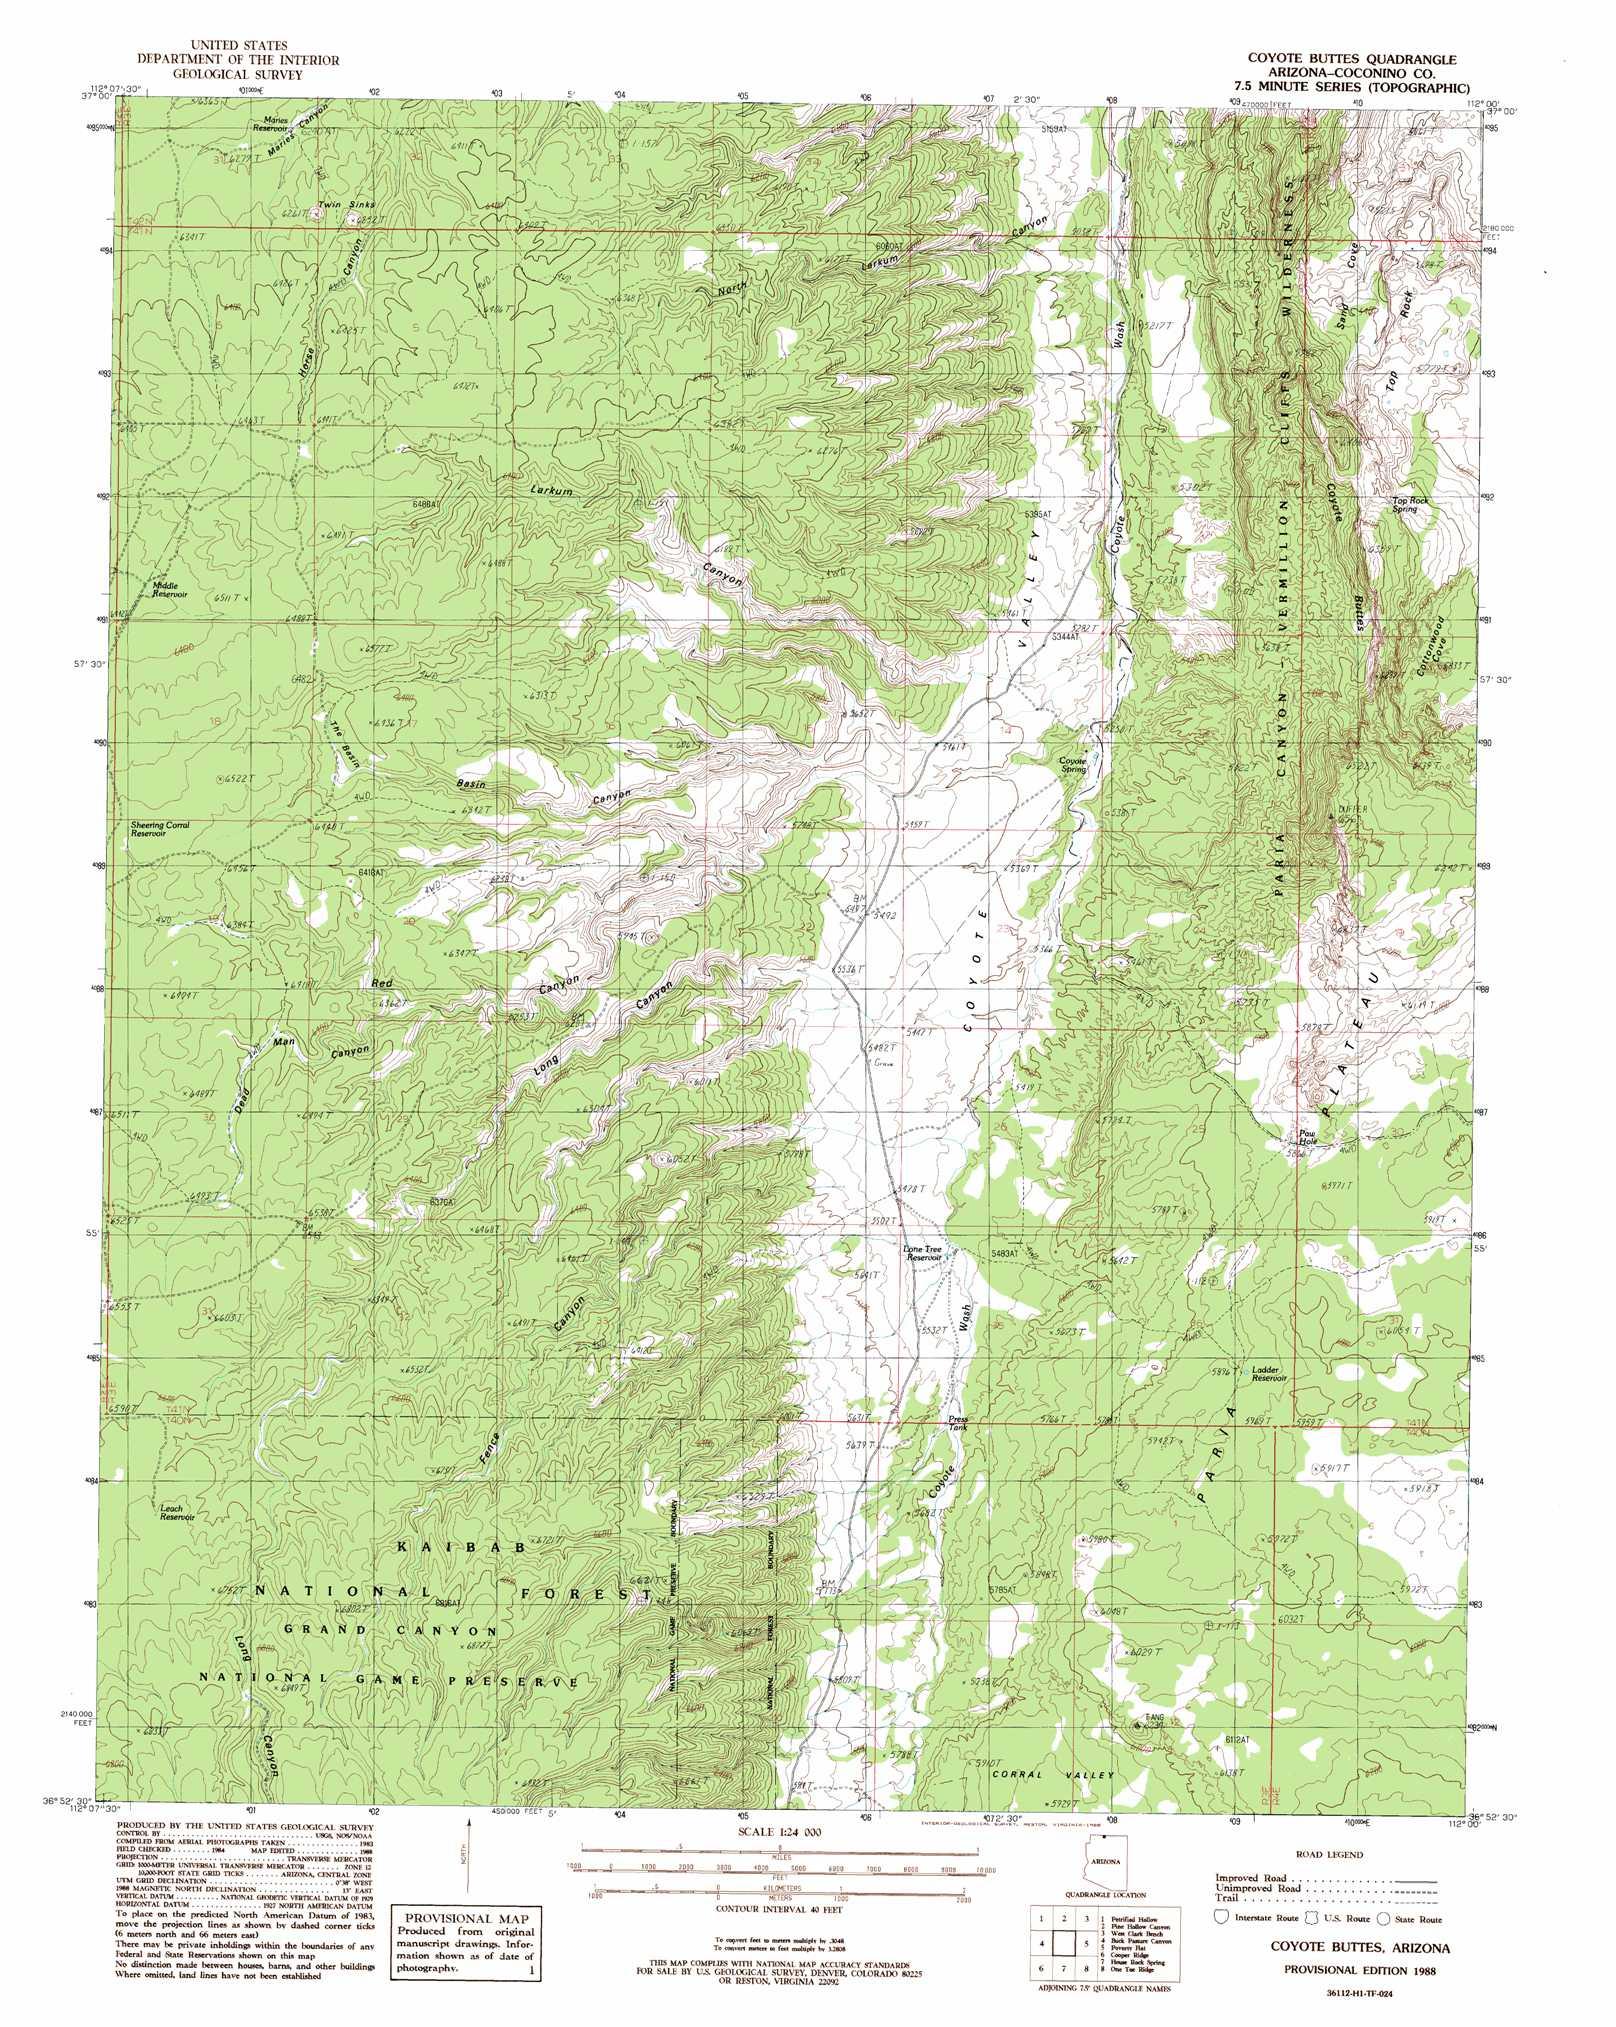 Coyote Buttes topographic map, AZ   USGS Topo Quad 36112h1